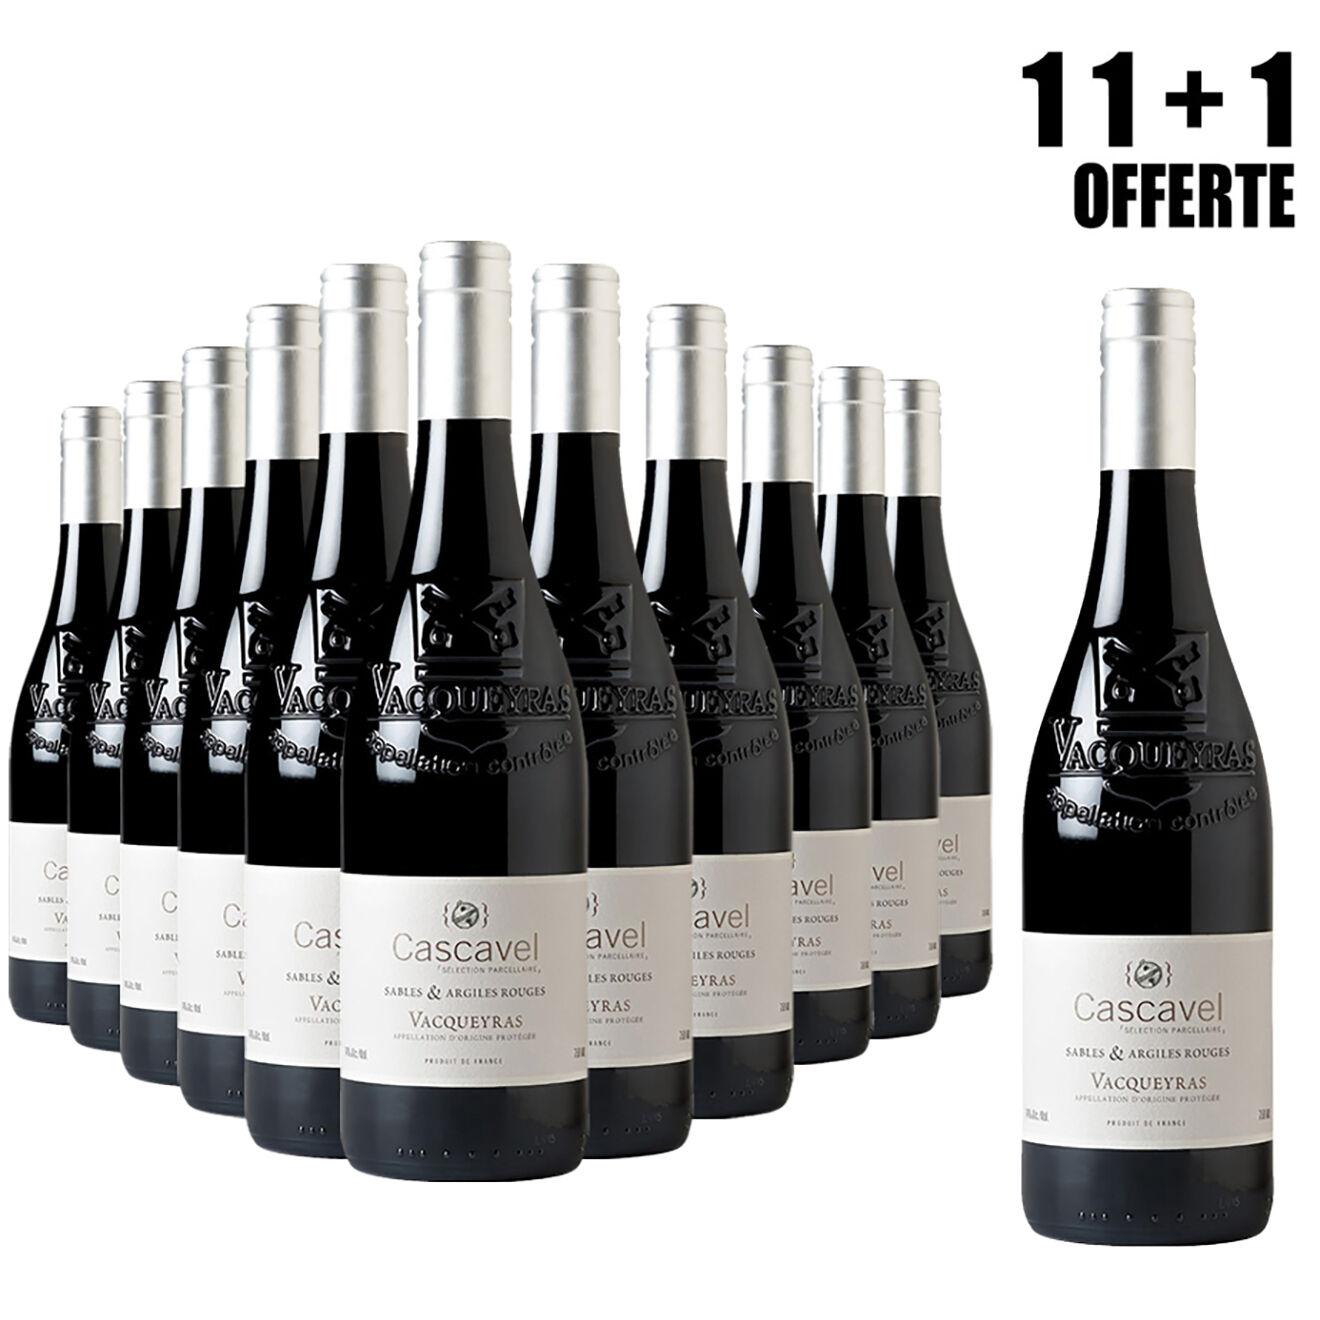 Lot de 11 Vacqueyras Sables & Argiles 2015 Cascavel 75cl + 1 Offerte